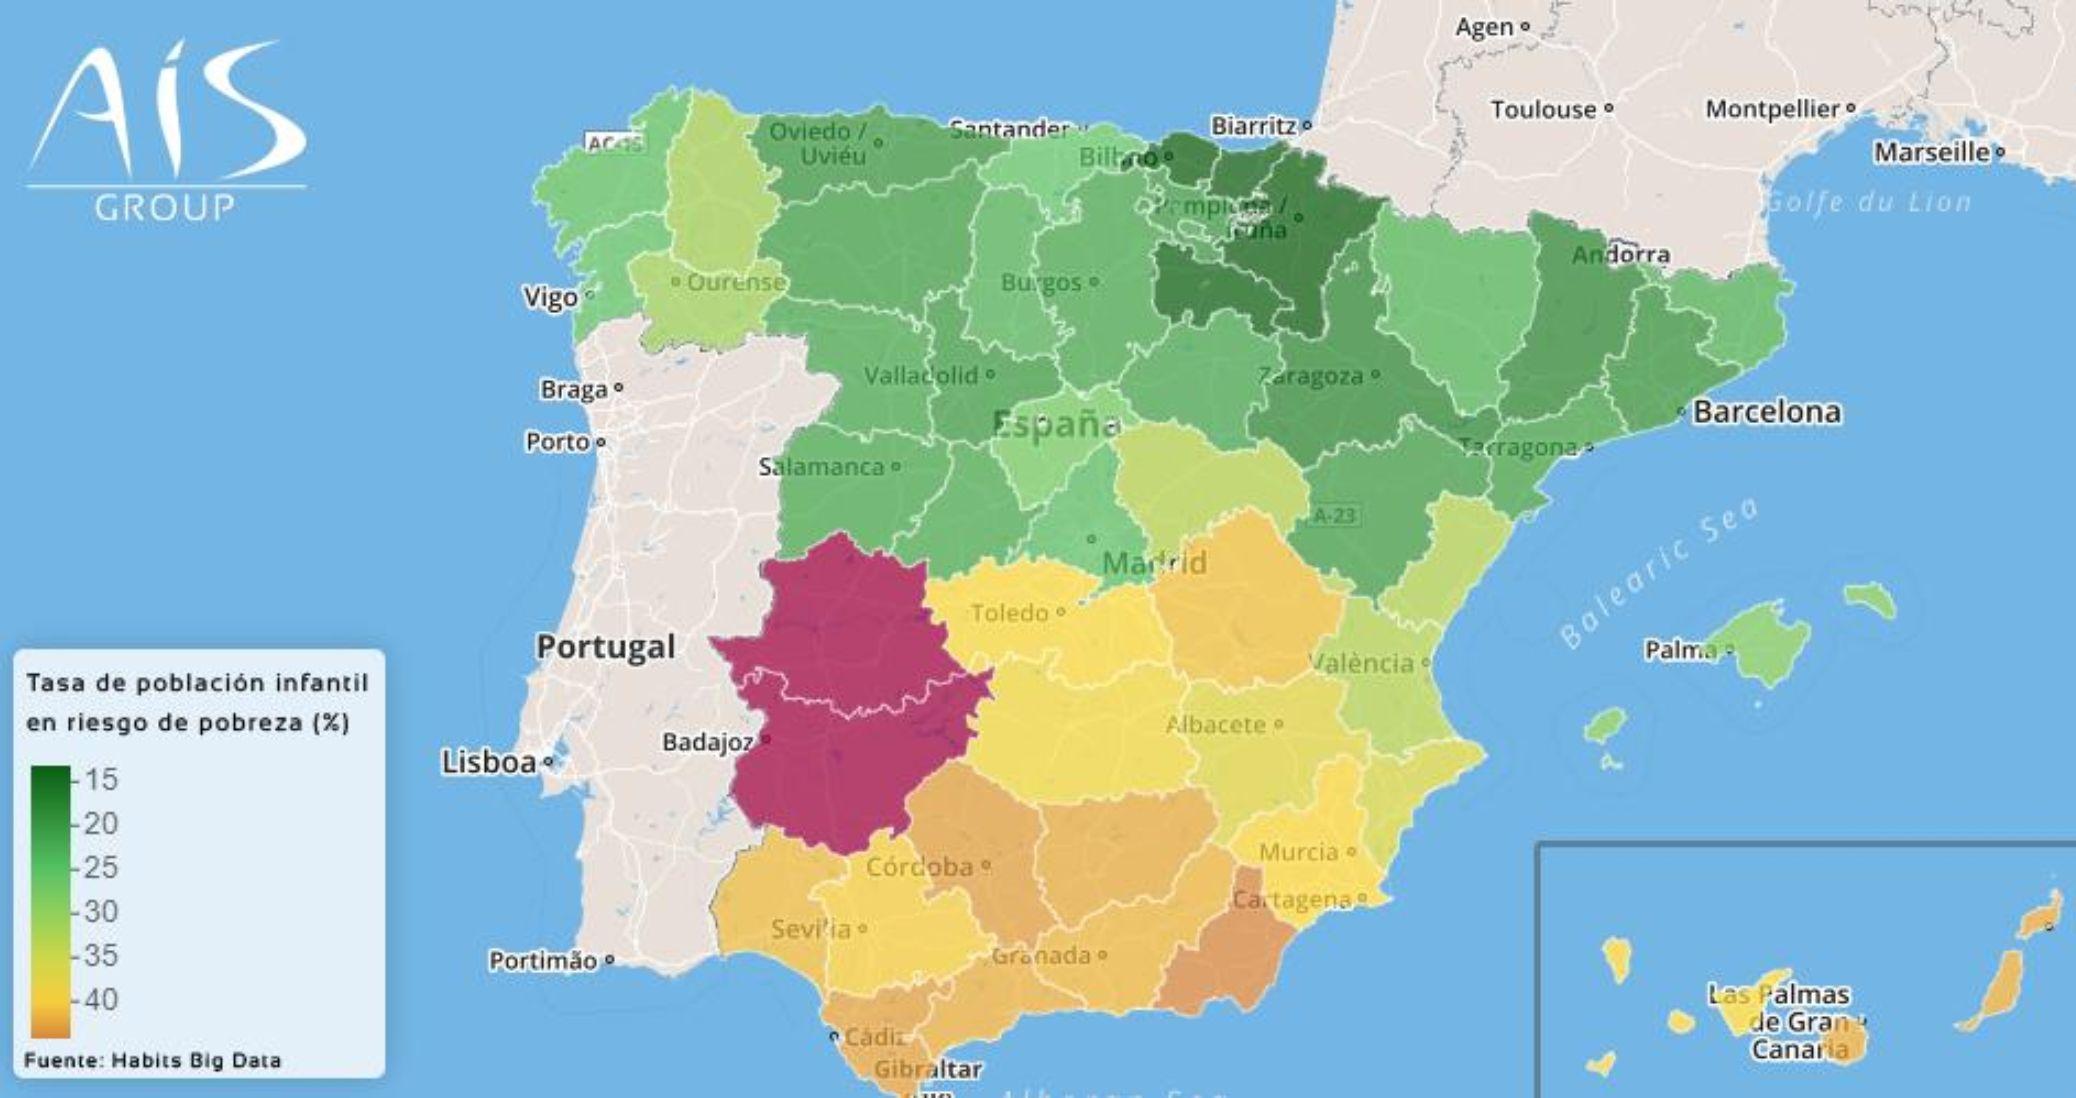 Este es el mapa de la pobreza infantil en